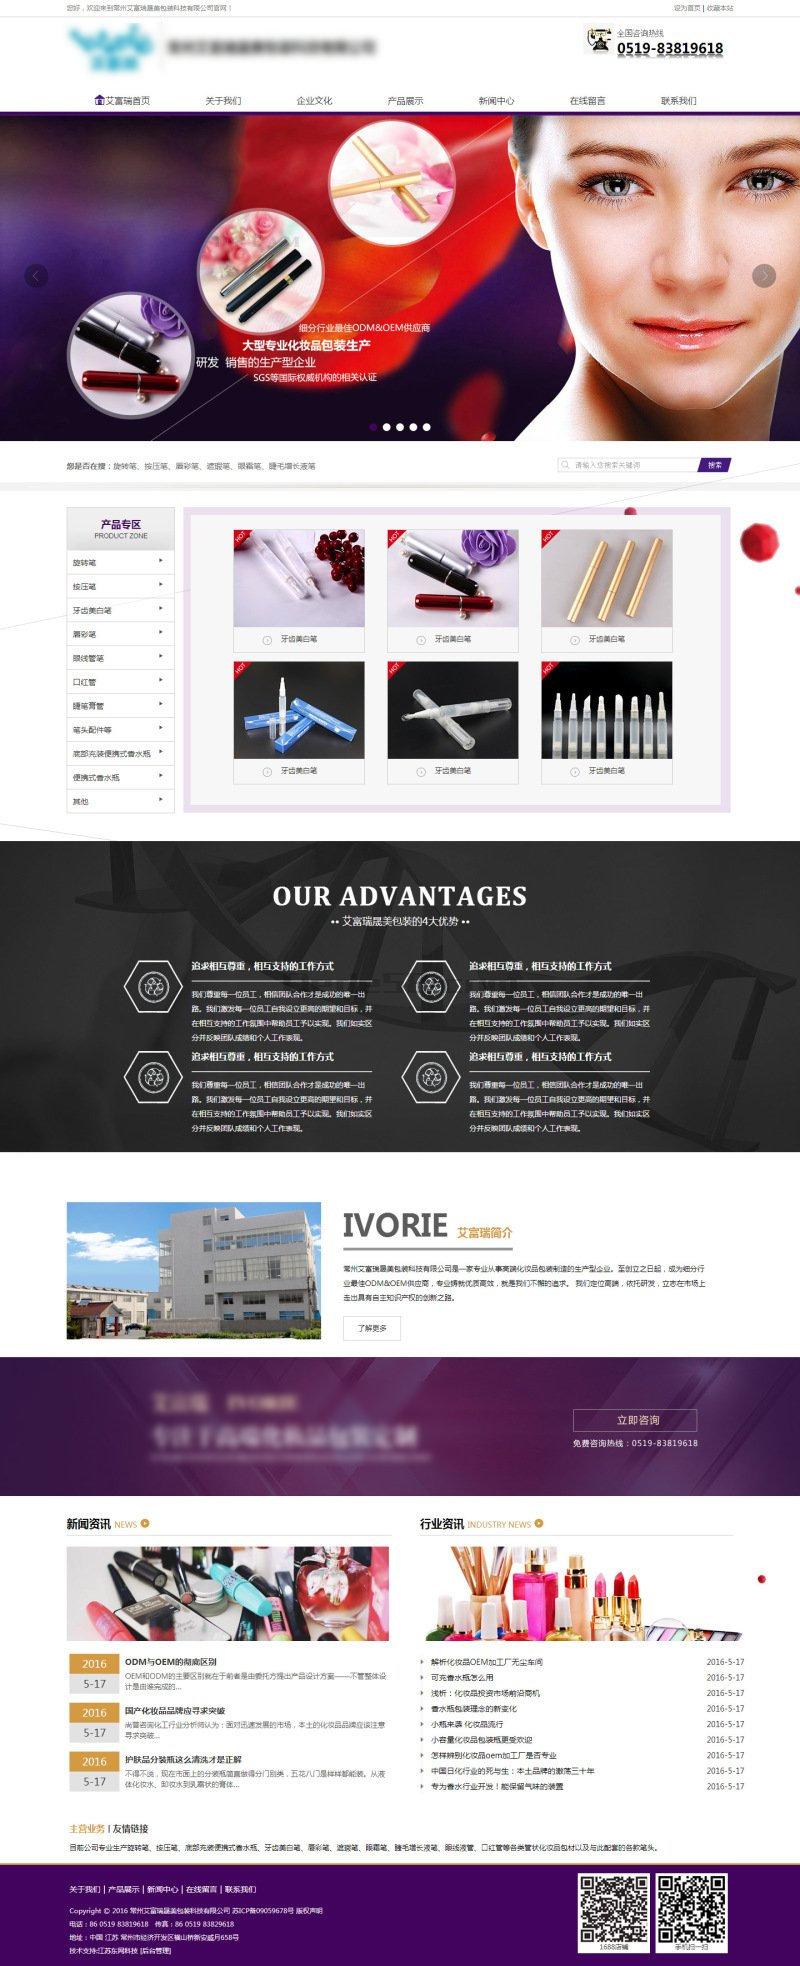 紫色化妆品包装设计公司网站静态模板